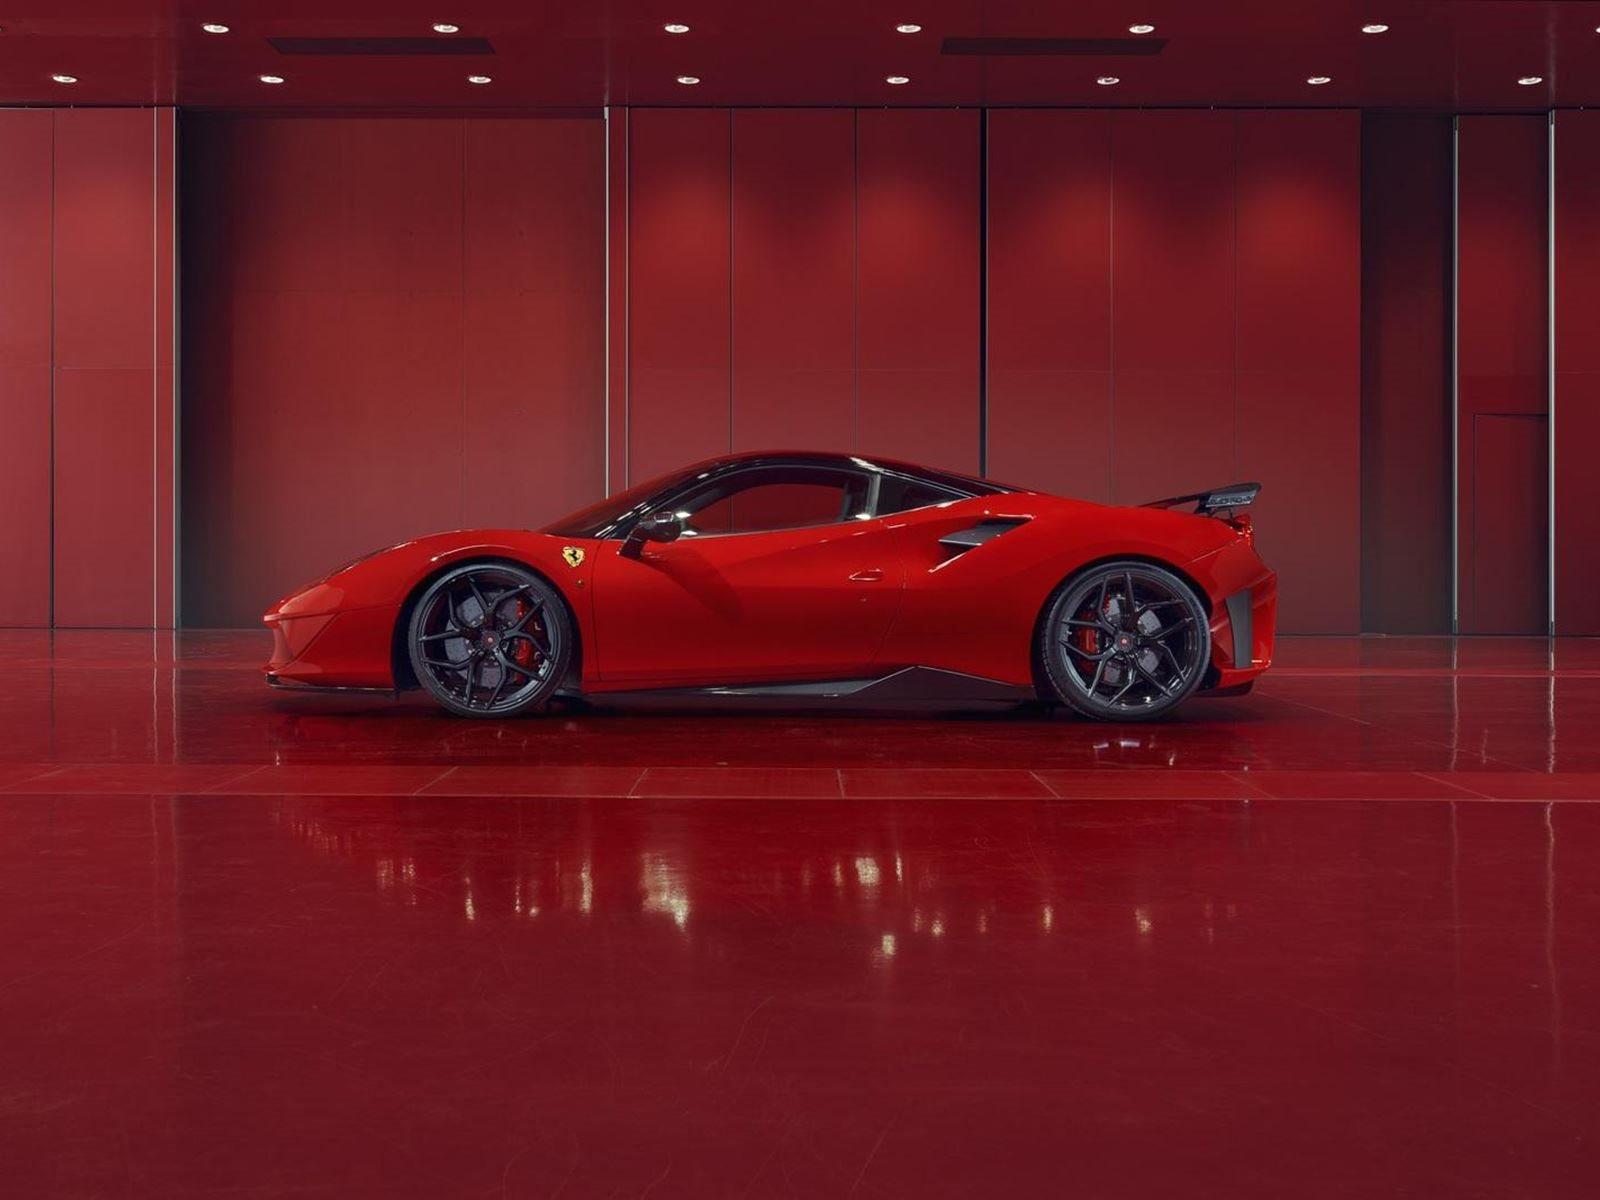 Наряду с обычными 21-дюймовыми колесами эти дополнения сбросили 42 кг от веса стандартного суперкара. Тем не менее есть и обратная сторона. Доступность суперкара крайне ограничена: только 20 Ferrari 488 GTB будут оснащены пакетом FPlus Corsa, цена ко